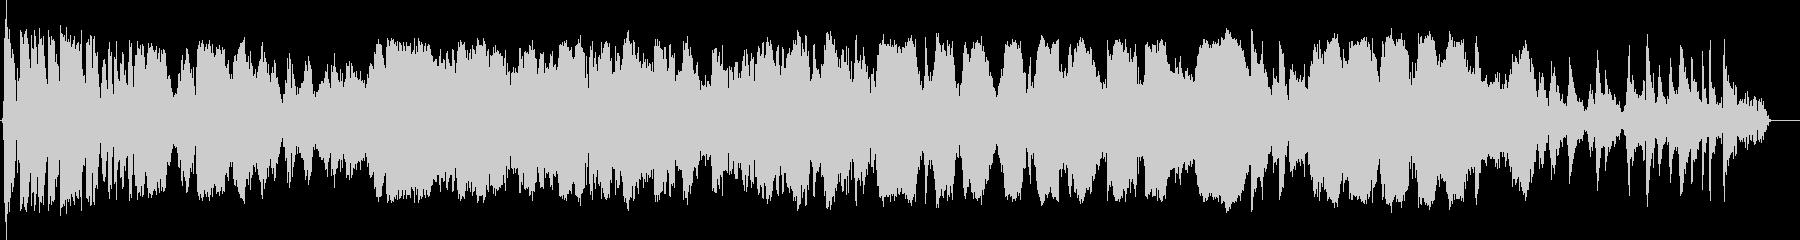 オートバイ;スタート/サークル;バ...の未再生の波形